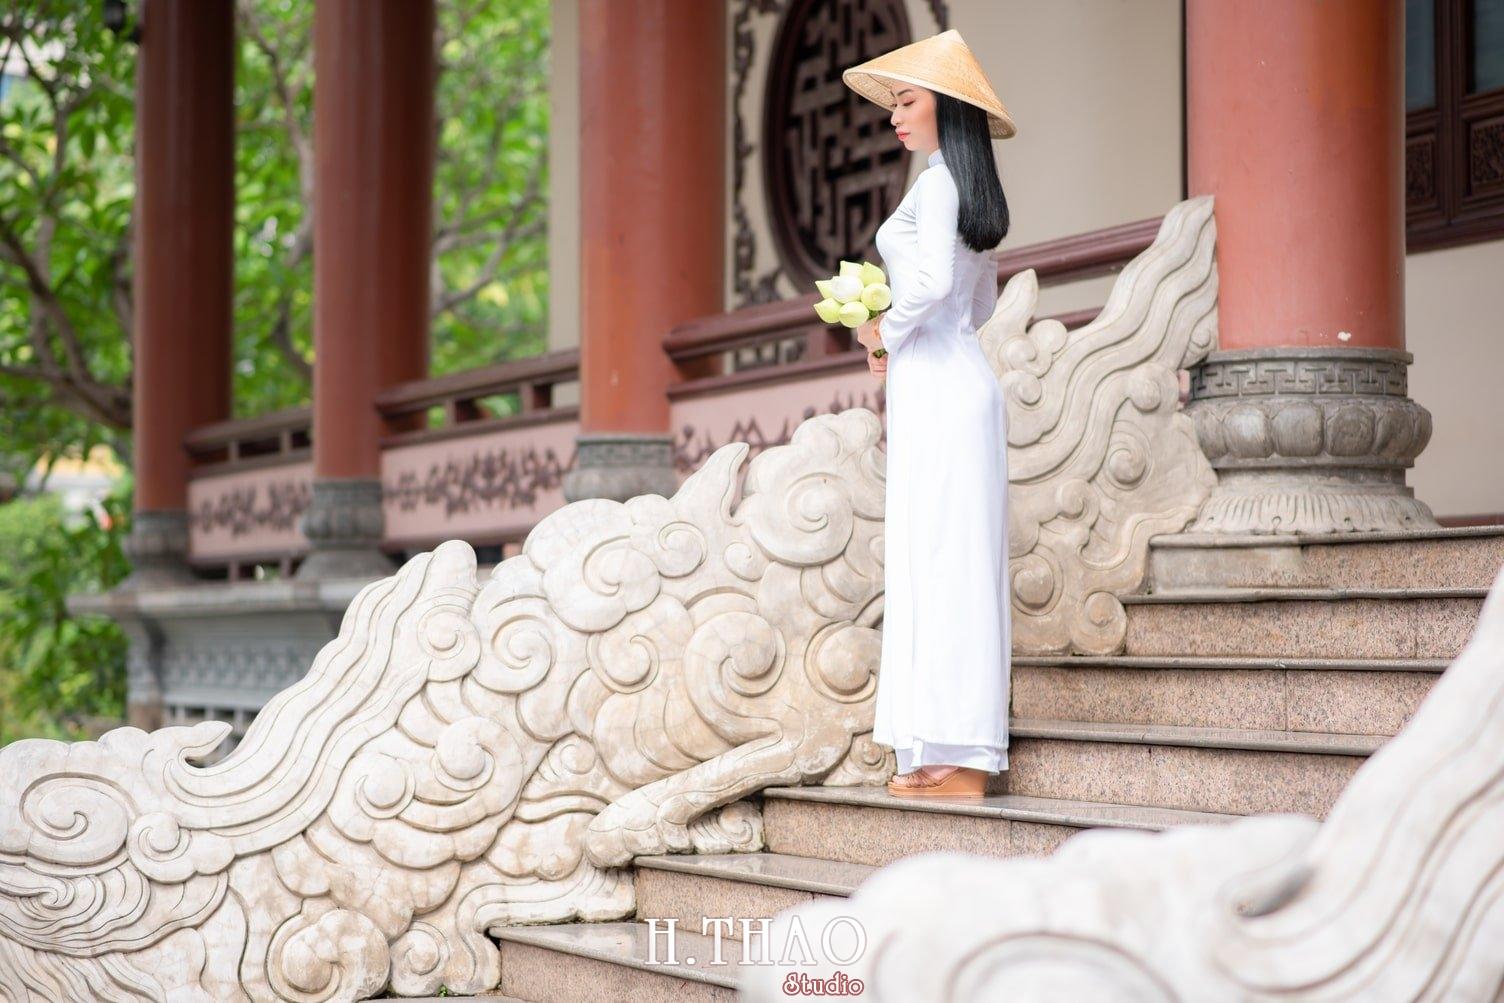 Ao dai trang 9 - Báo giá chụp ảnh áo dài trọn gói tại Tp.HCM - HThao Studio